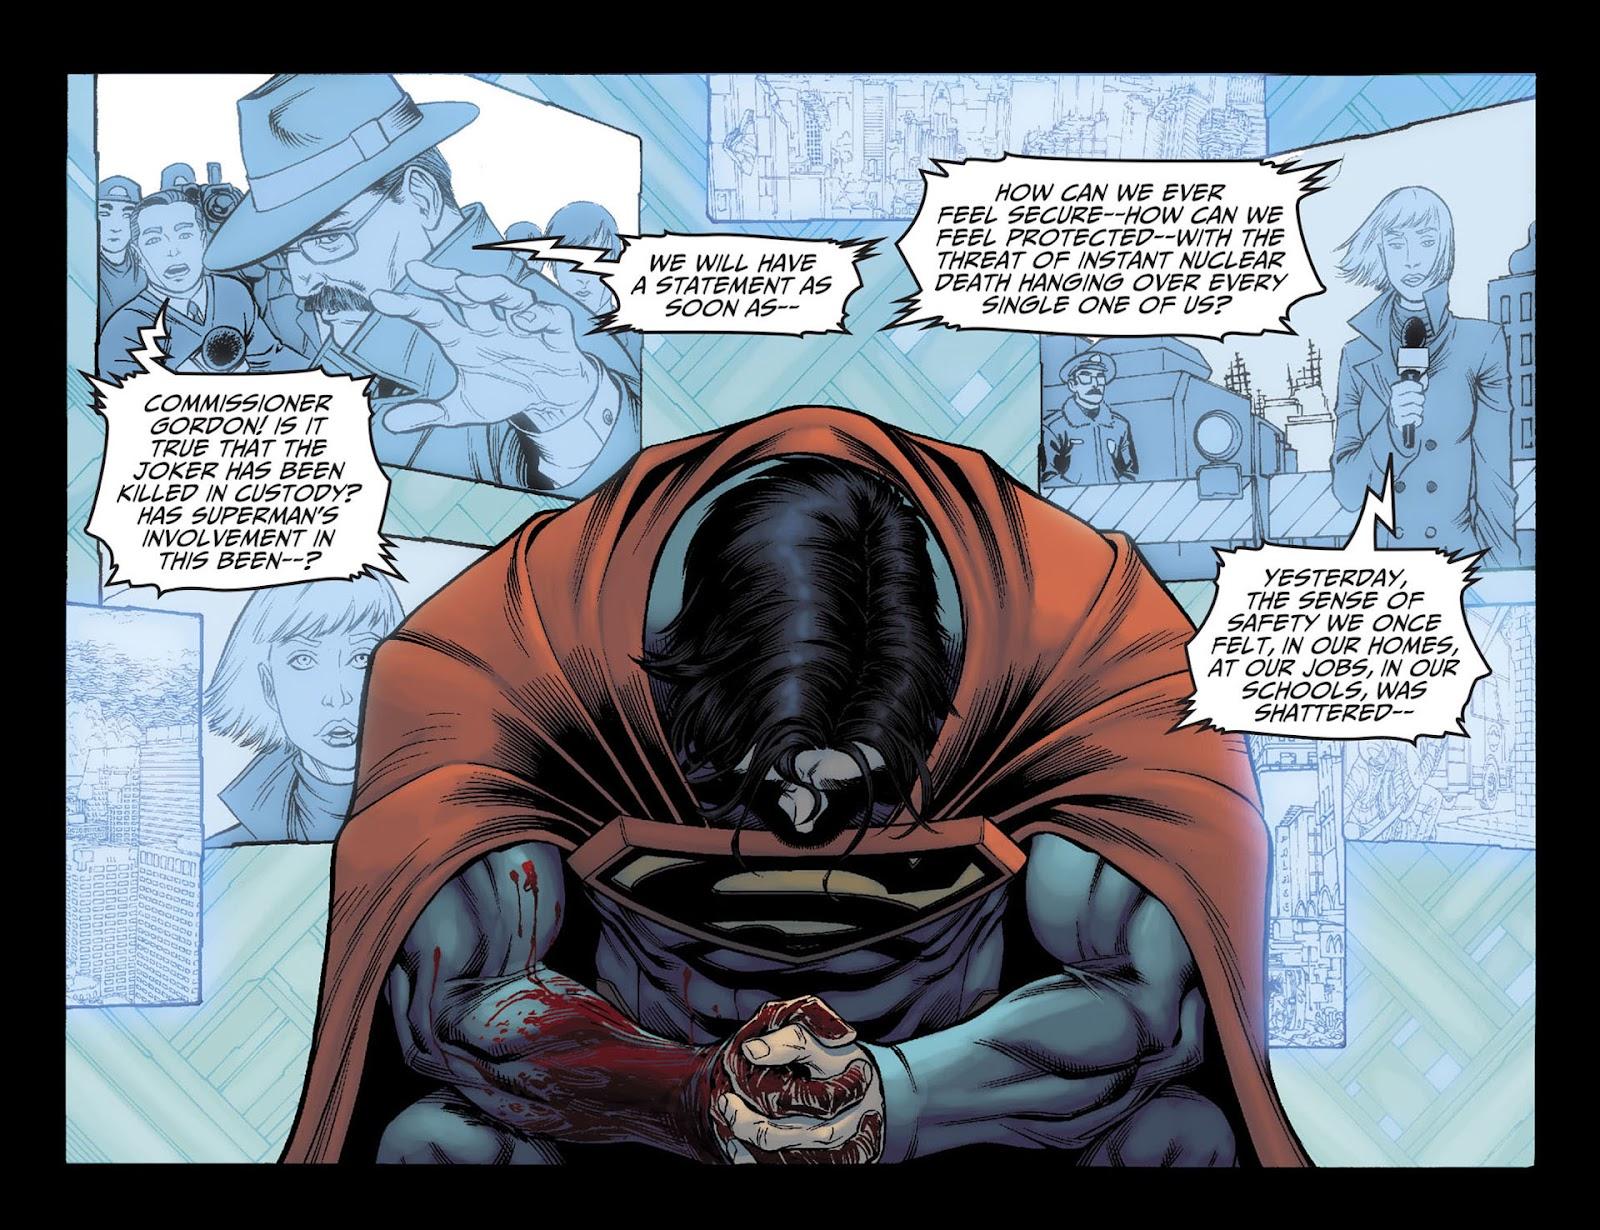 Injustice: Gods Among Us [I] Issue #6 #7 - English 4